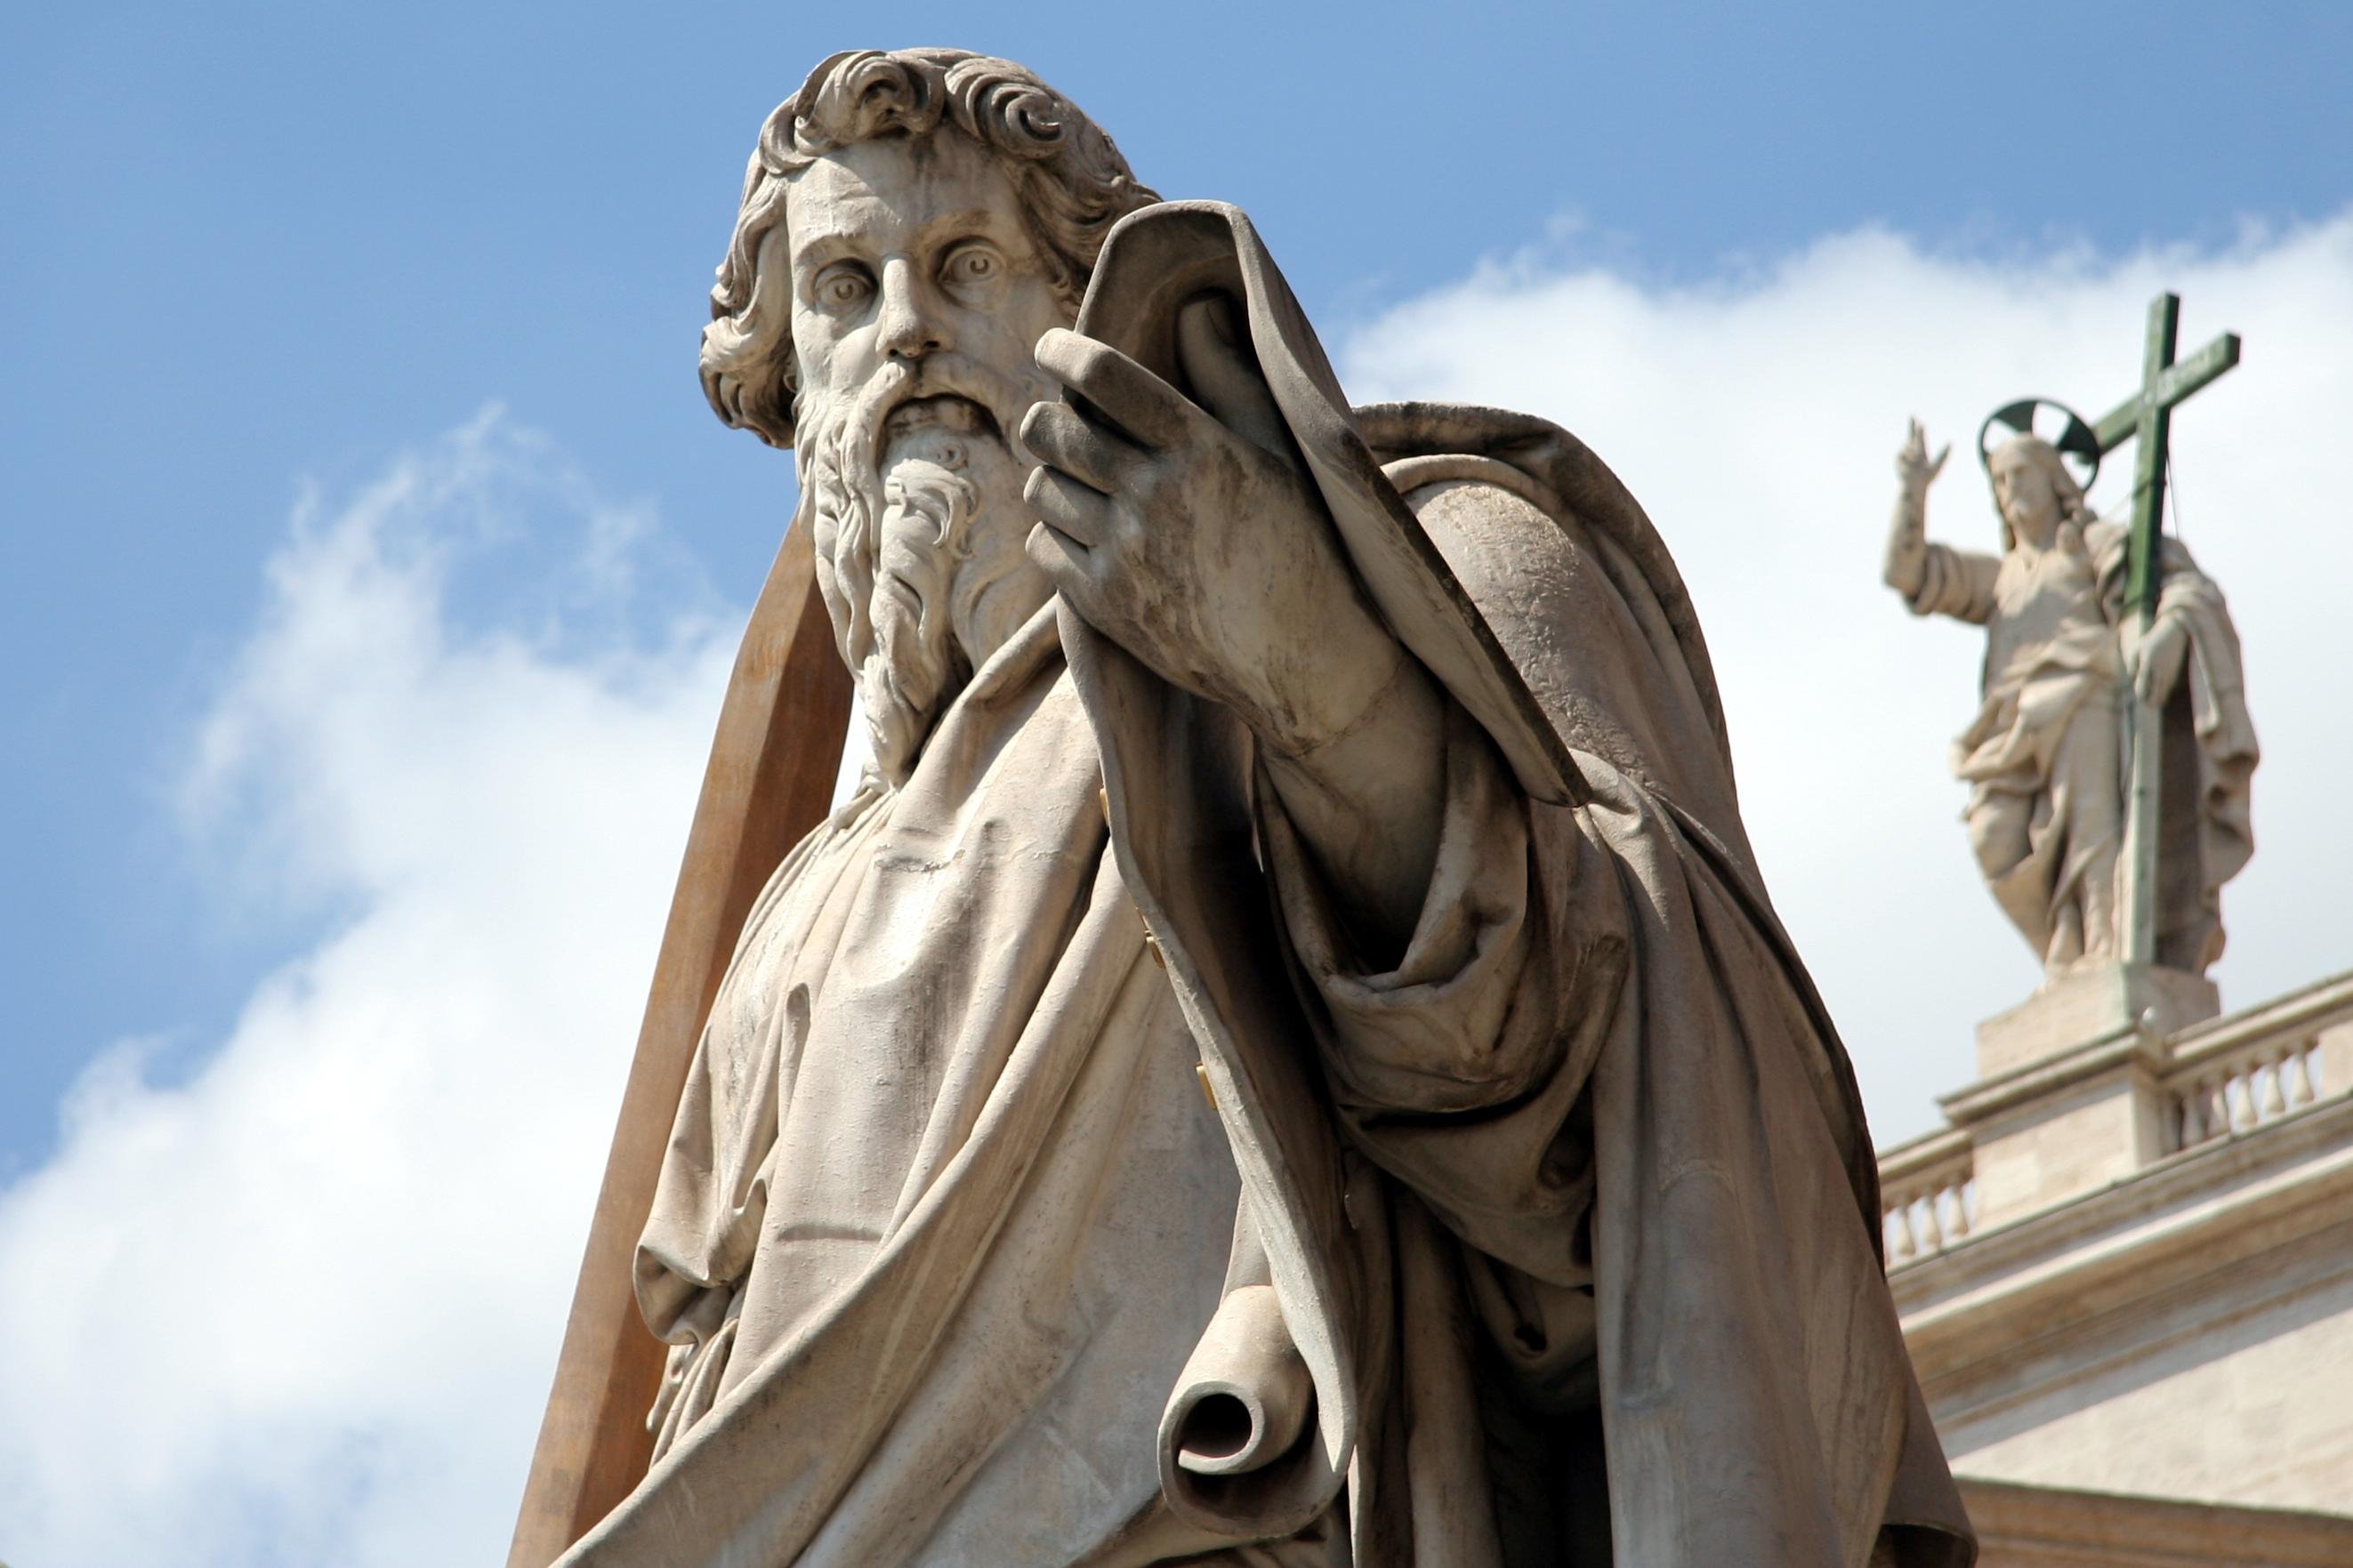 statue des apostels paulus vor dem petersdom adamo tadolini 1838 - Paulus Lebenslauf